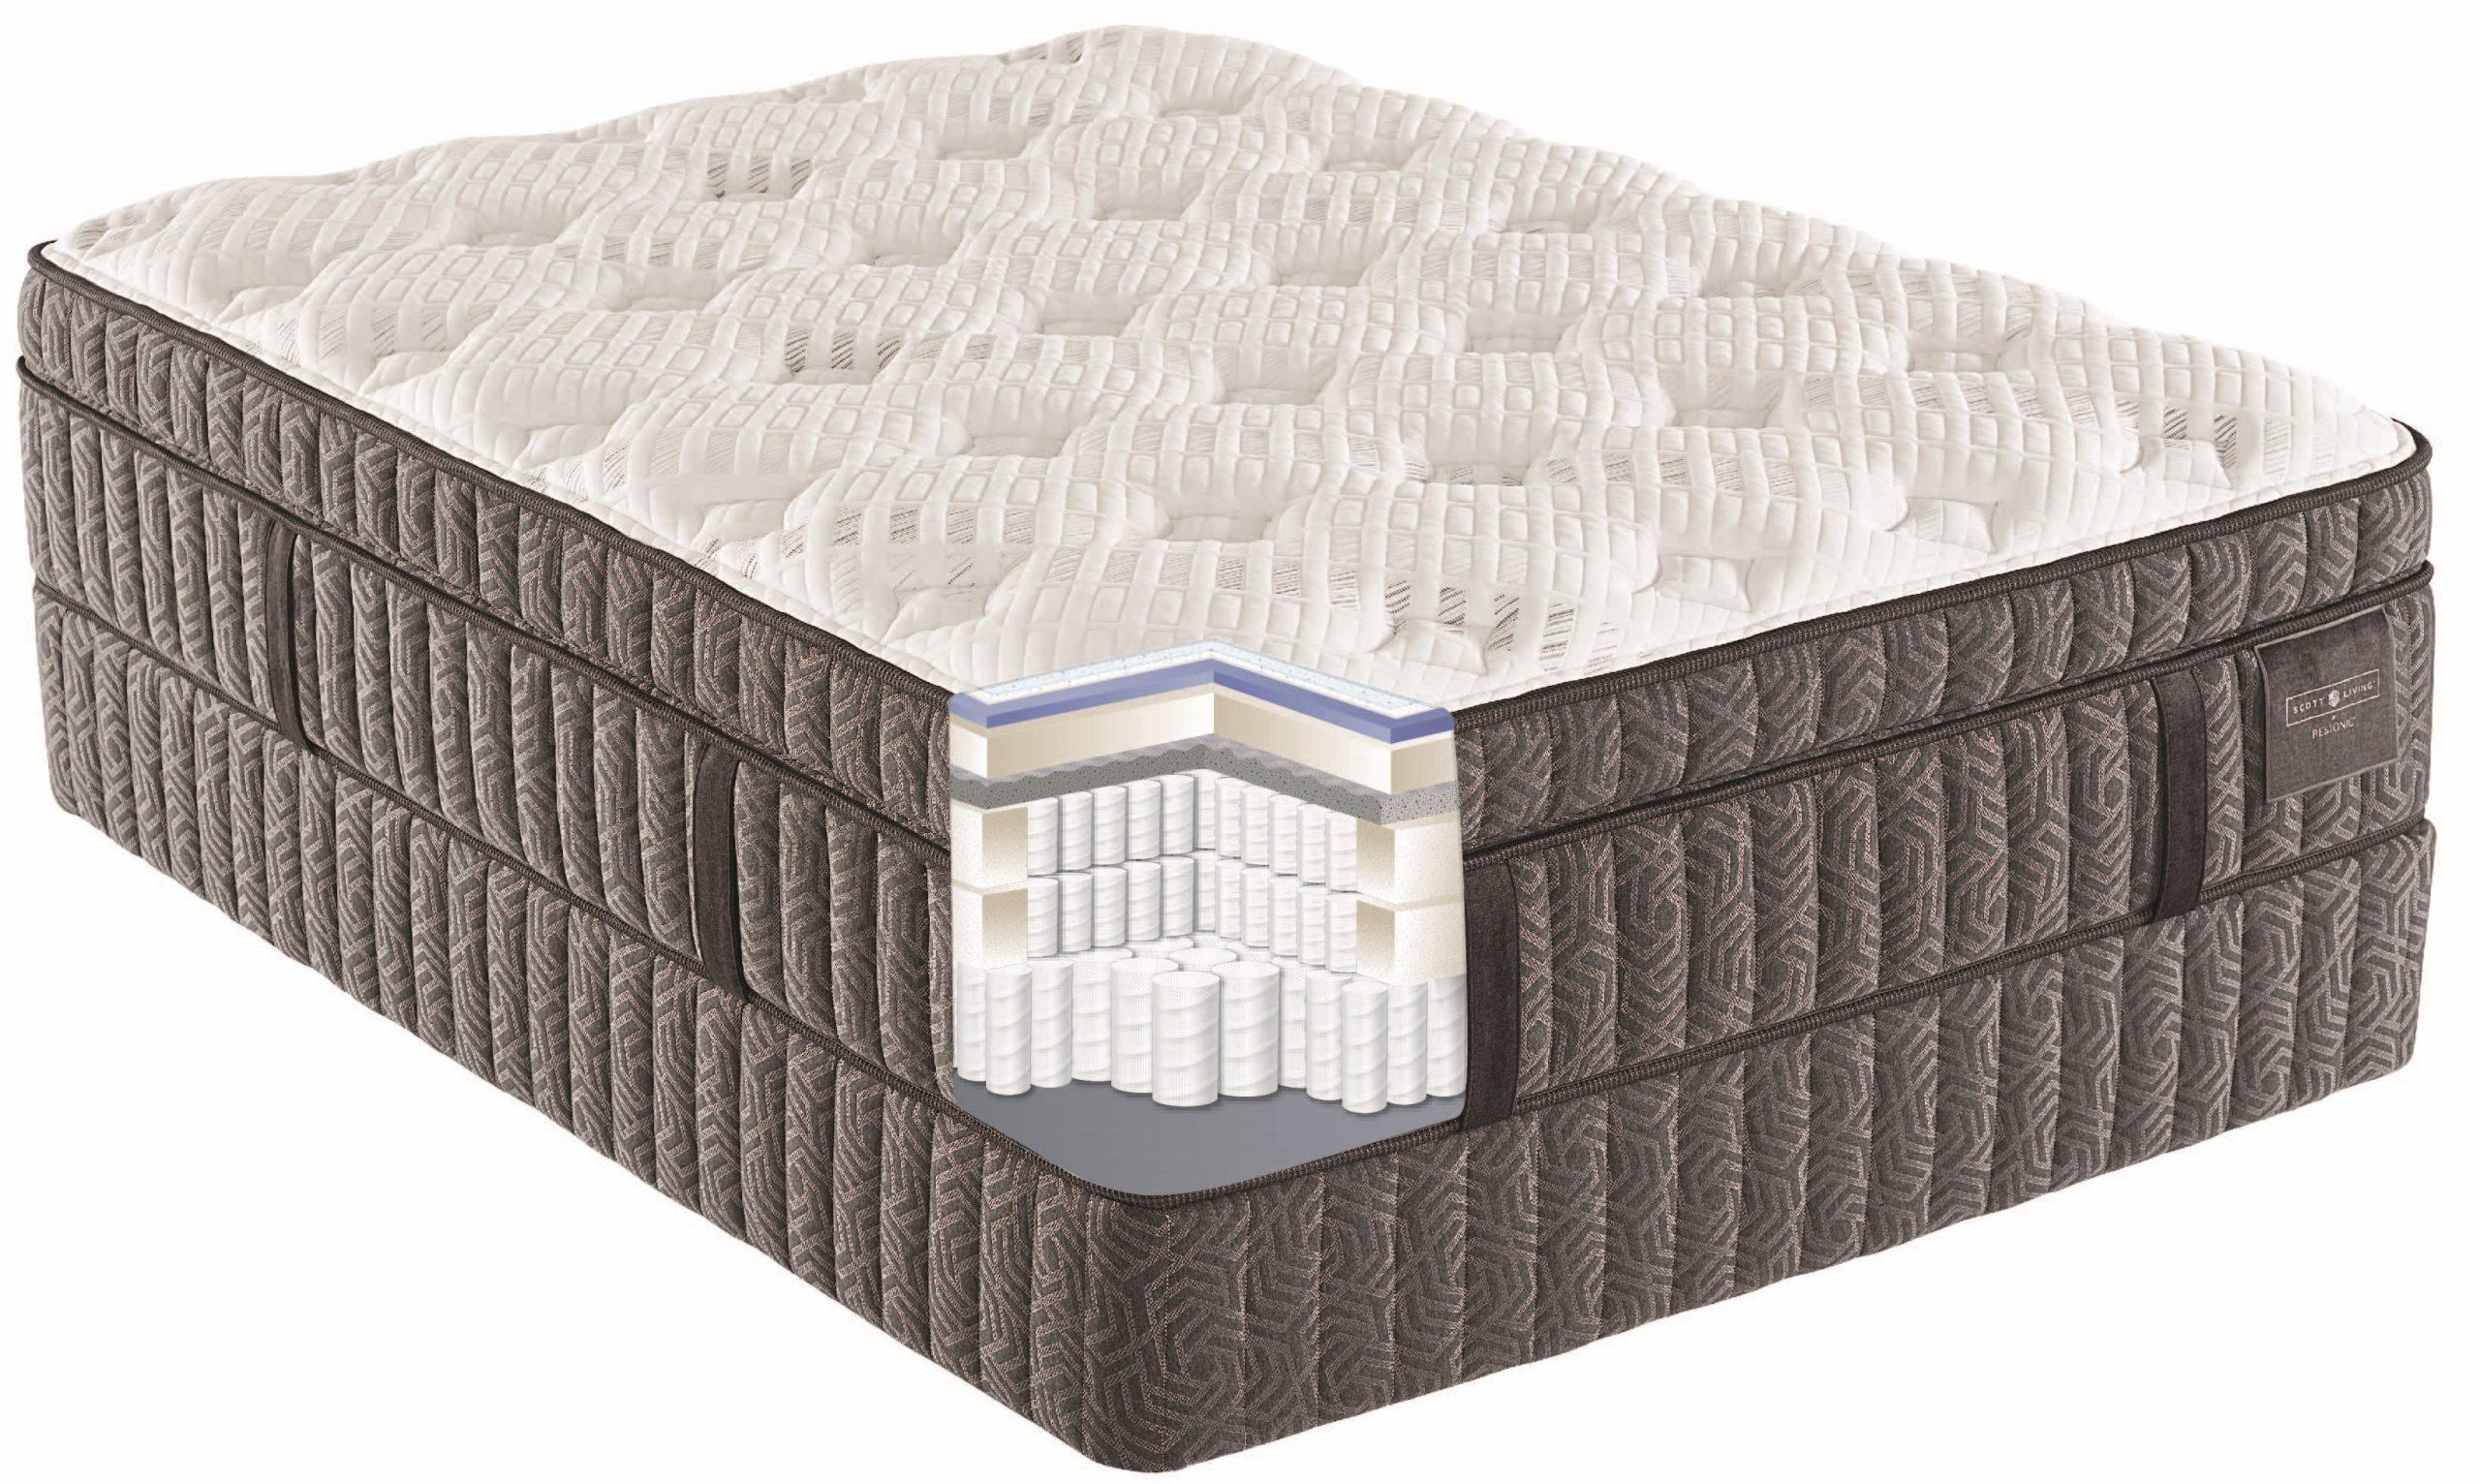 Do I Need a Memory Foam Mattress for Better Sleep?